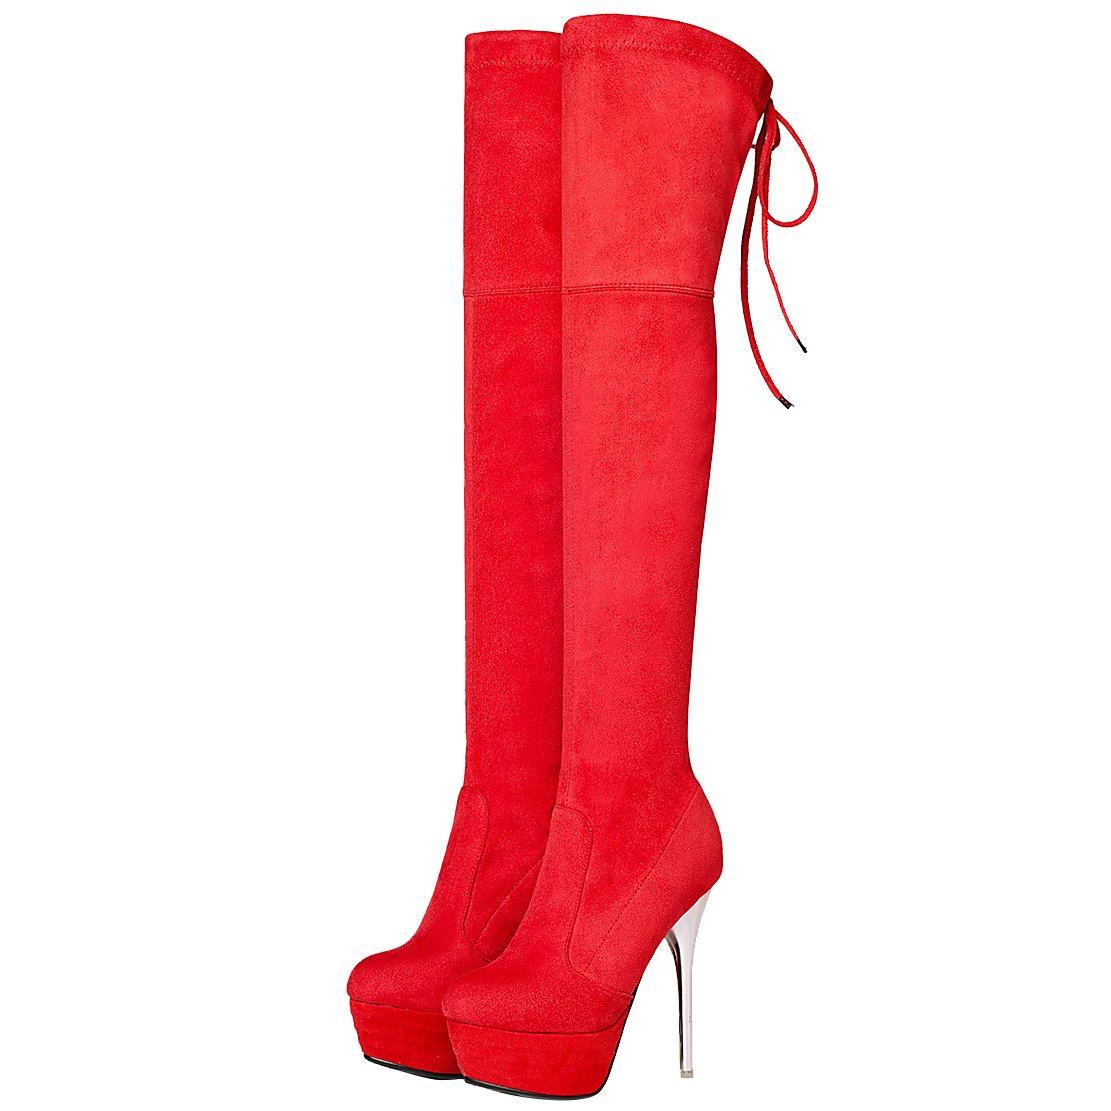 AIYOUMEI Damen Stiletto Plateau Stretch Overknee Stiefel mit mit mit Schnürsenkel und 14cm Absatz Elegant High Heels Winter Stiefel da3466